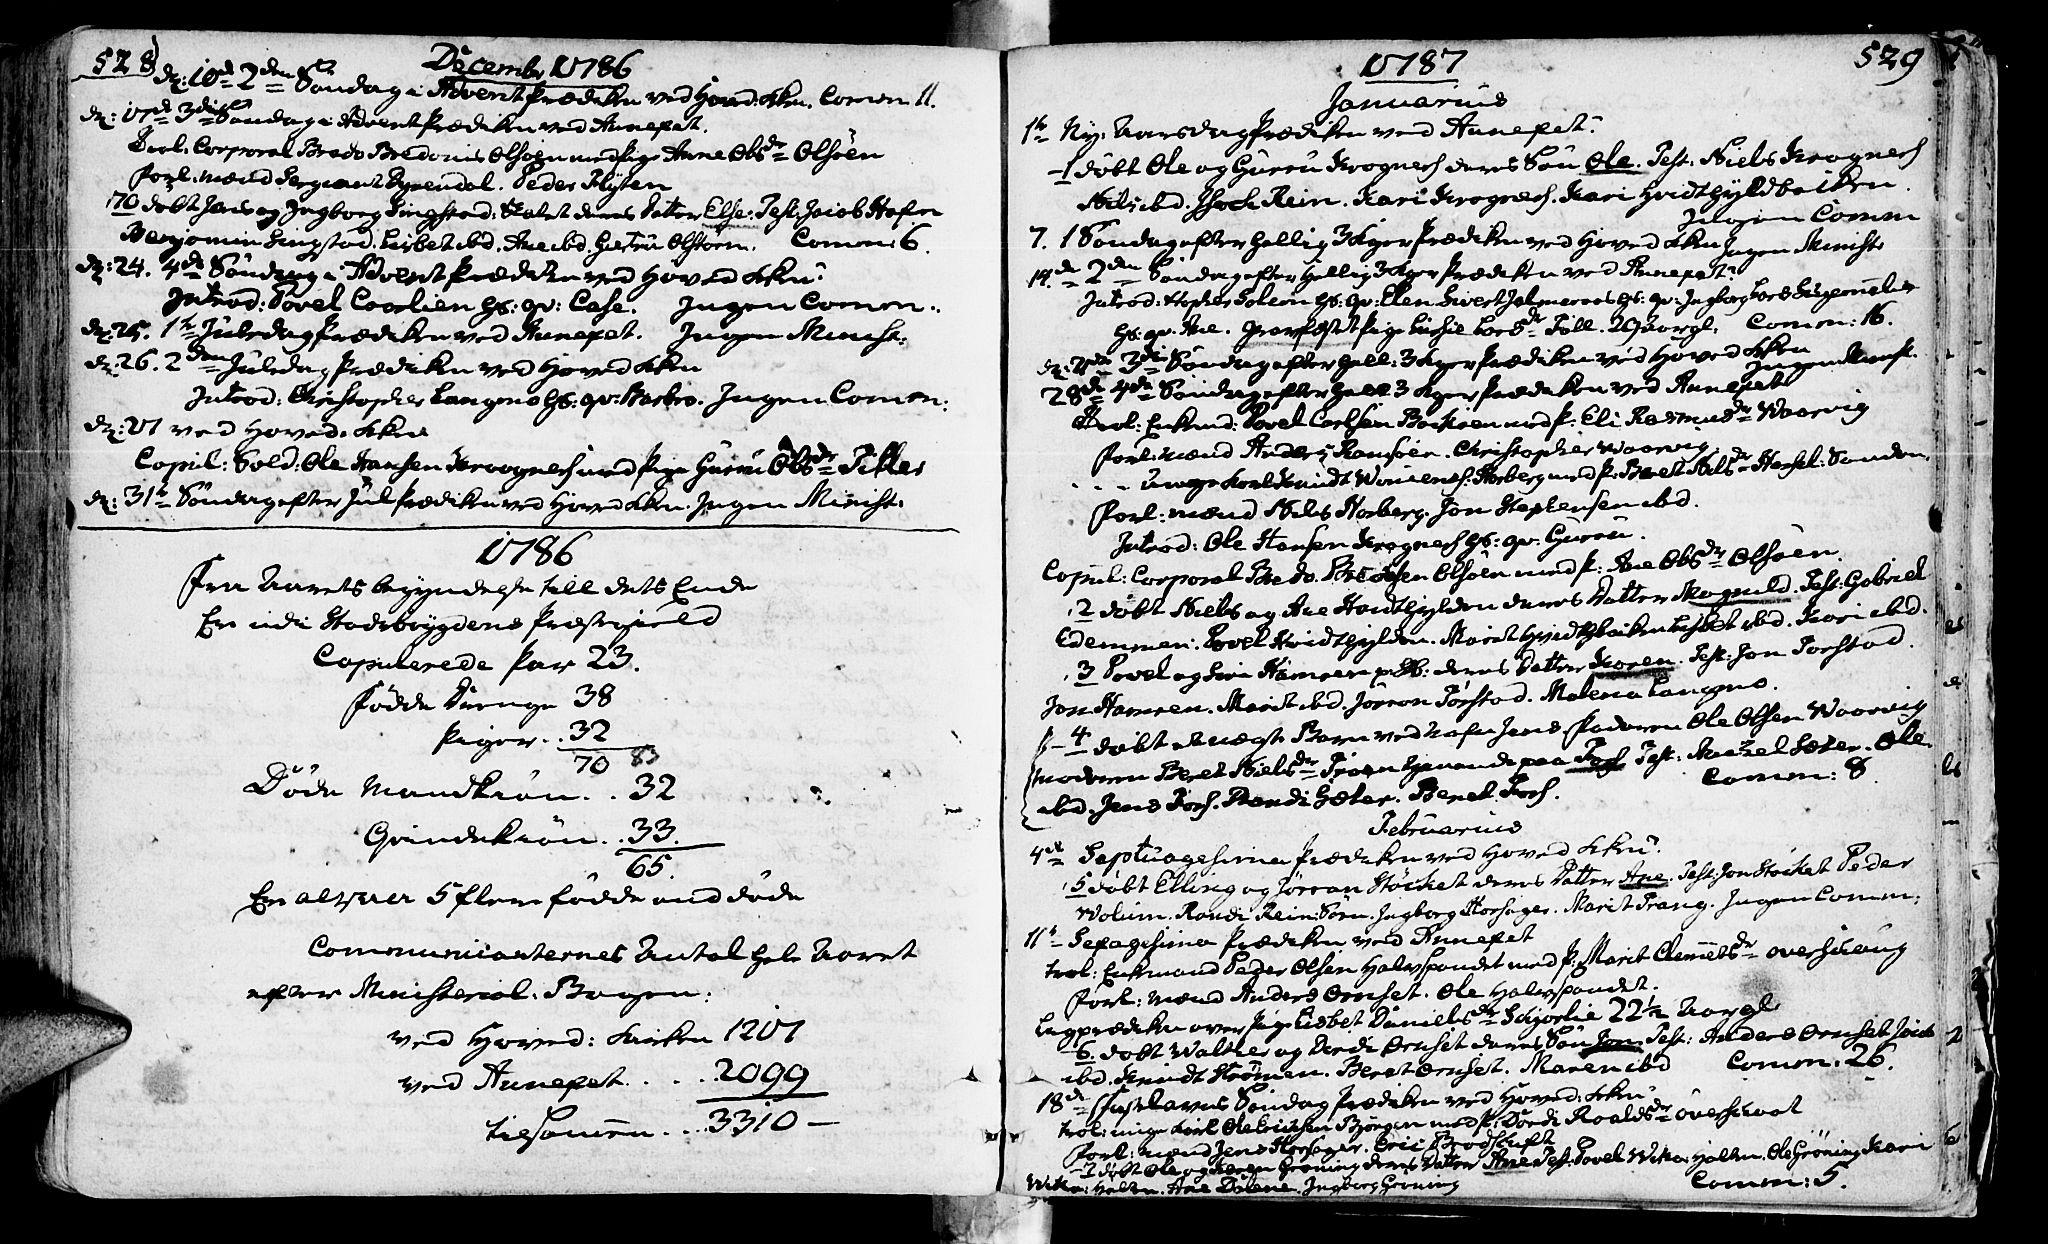 SAT, Ministerialprotokoller, klokkerbøker og fødselsregistre - Sør-Trøndelag, 646/L0605: Ministerialbok nr. 646A03, 1751-1790, s. 528-529